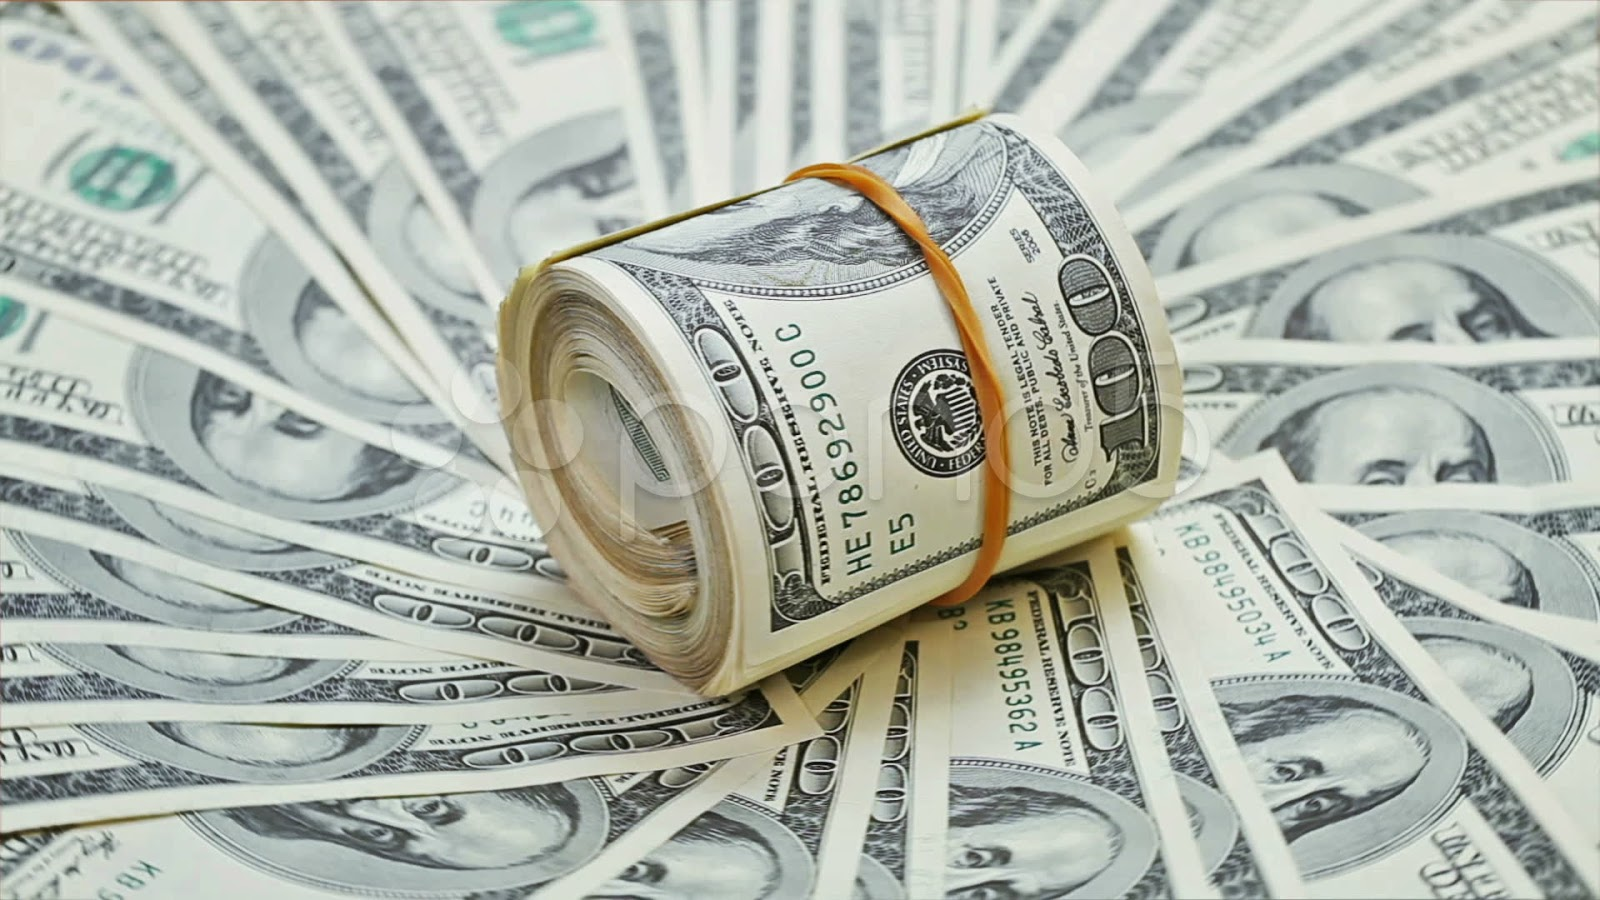 5 نصائح للباحثين عن تمويل مشاريع صغيرة | ريادة الأعمال